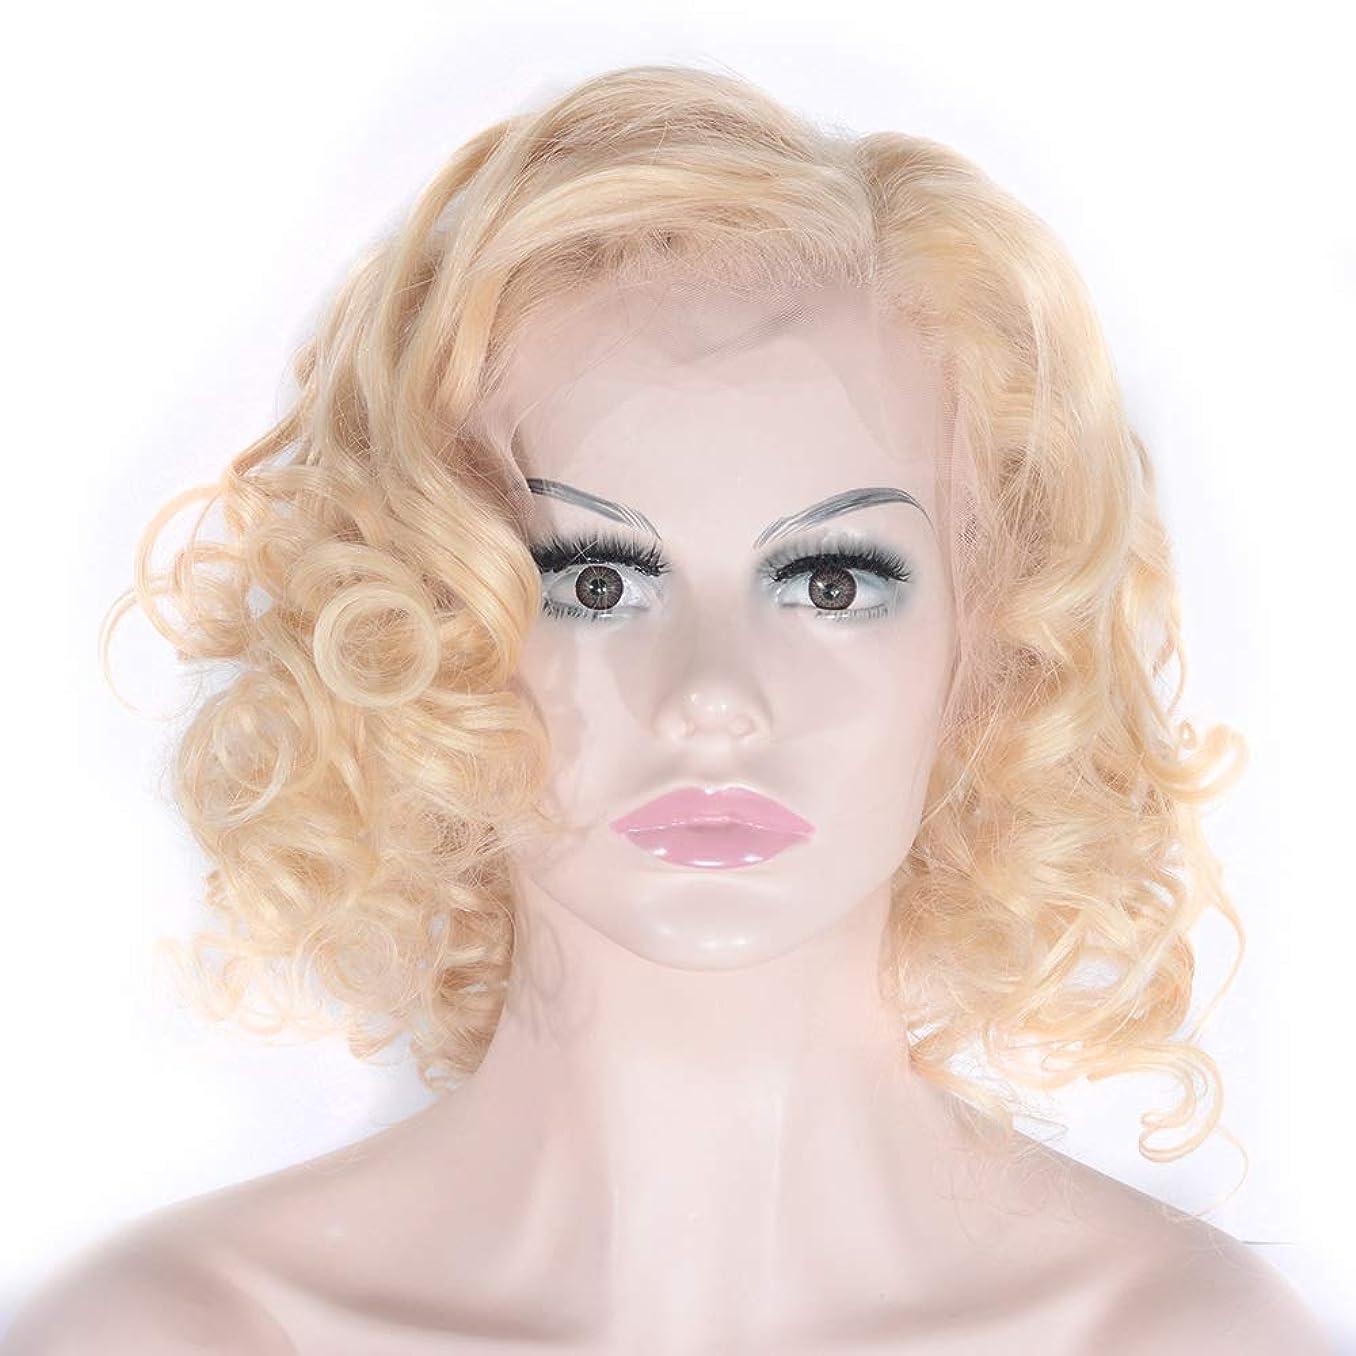 追加するアクロバット報復するZXF ヨーロッパとアメリカのスタイルゴールデンイエロー、本物の髪、フロントレース、短い巻き毛、かつら、かつら 美しい (Size : 10